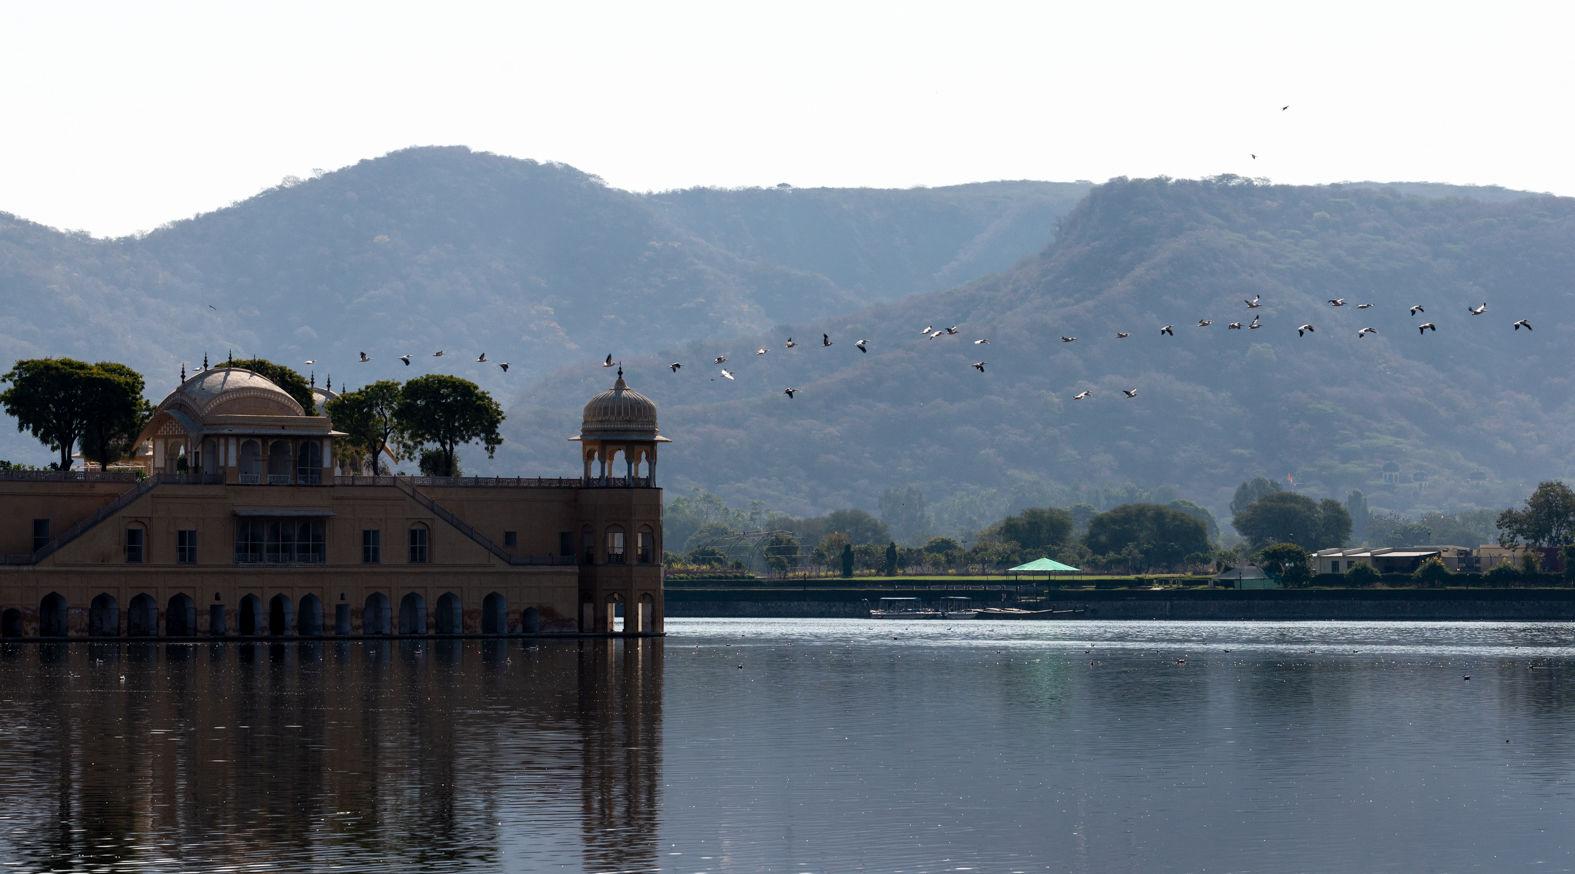 Jal Mahal Palace, Man Sagar Lake, Jaipur